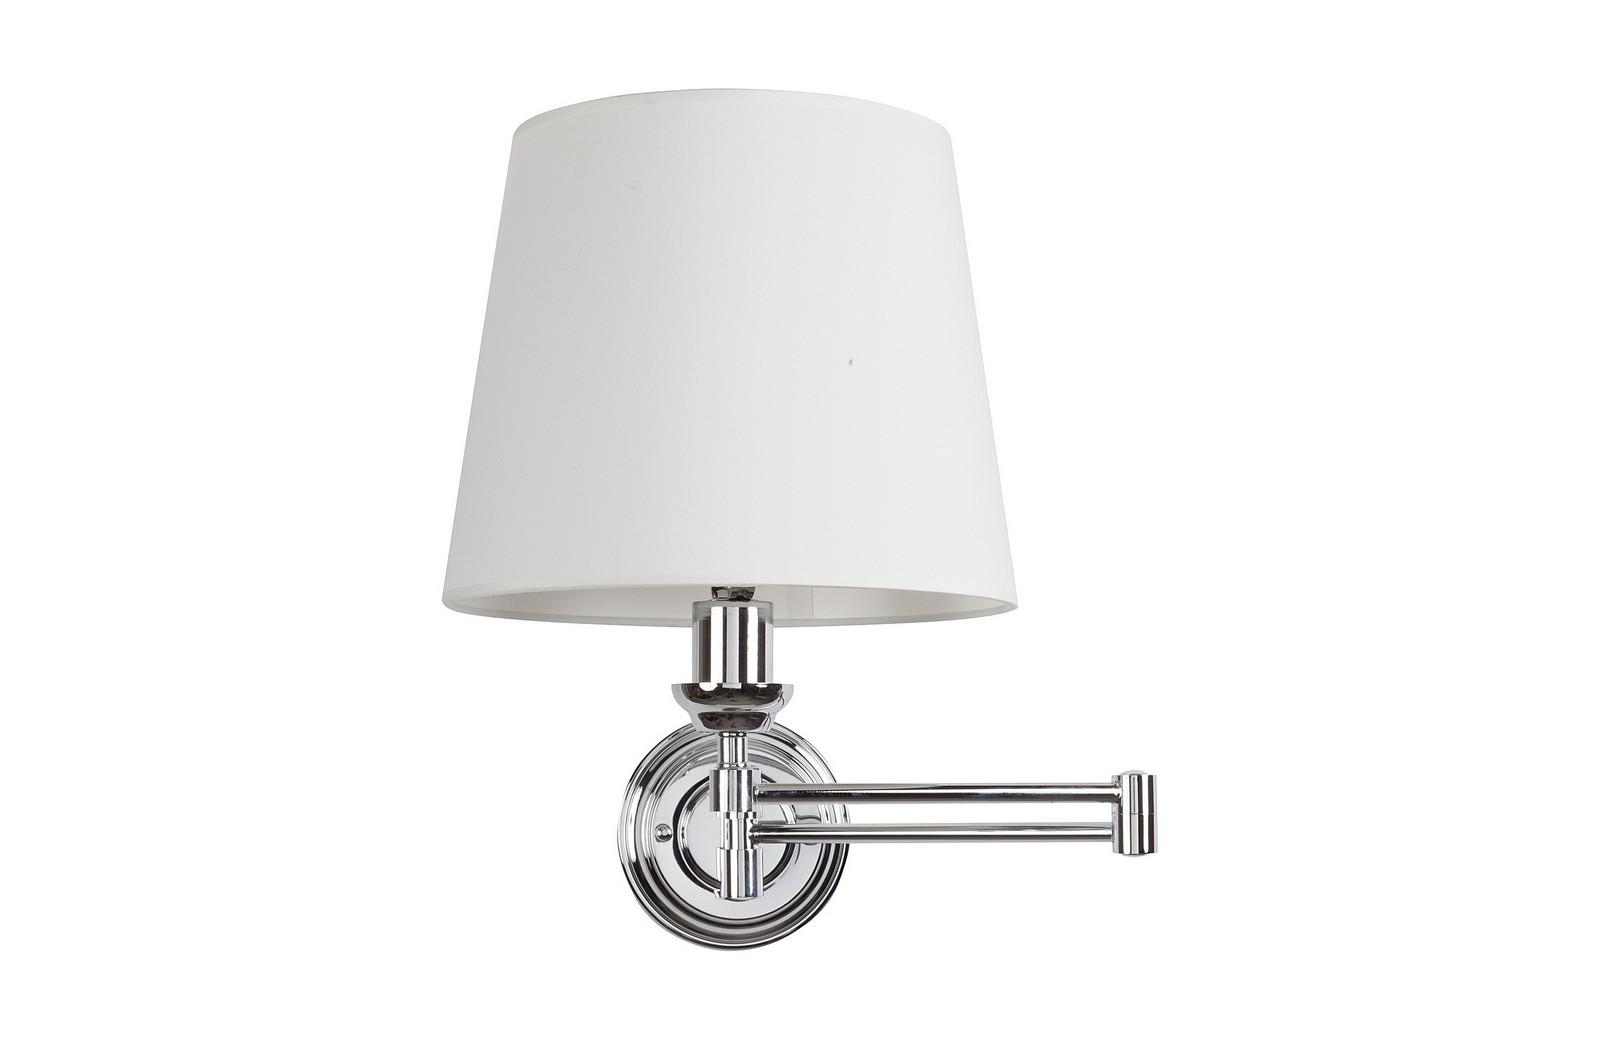 Бра Westbrook Light SwingarmБра<br>Стальное основание, тканевый абажур, предназначена для использования со светодиодными лампами, лампами не комплектуется.&amp;lt;br&amp;gt;&amp;lt;br&amp;gt;Вид цоколя: E27&amp;lt;br&amp;gt;Мощность ламп: 60W&amp;lt;br&amp;gt;Количество ламп: 1<br><br>Material: Металл<br>Width см: 38<br>Depth см: 35<br>Height см: 45